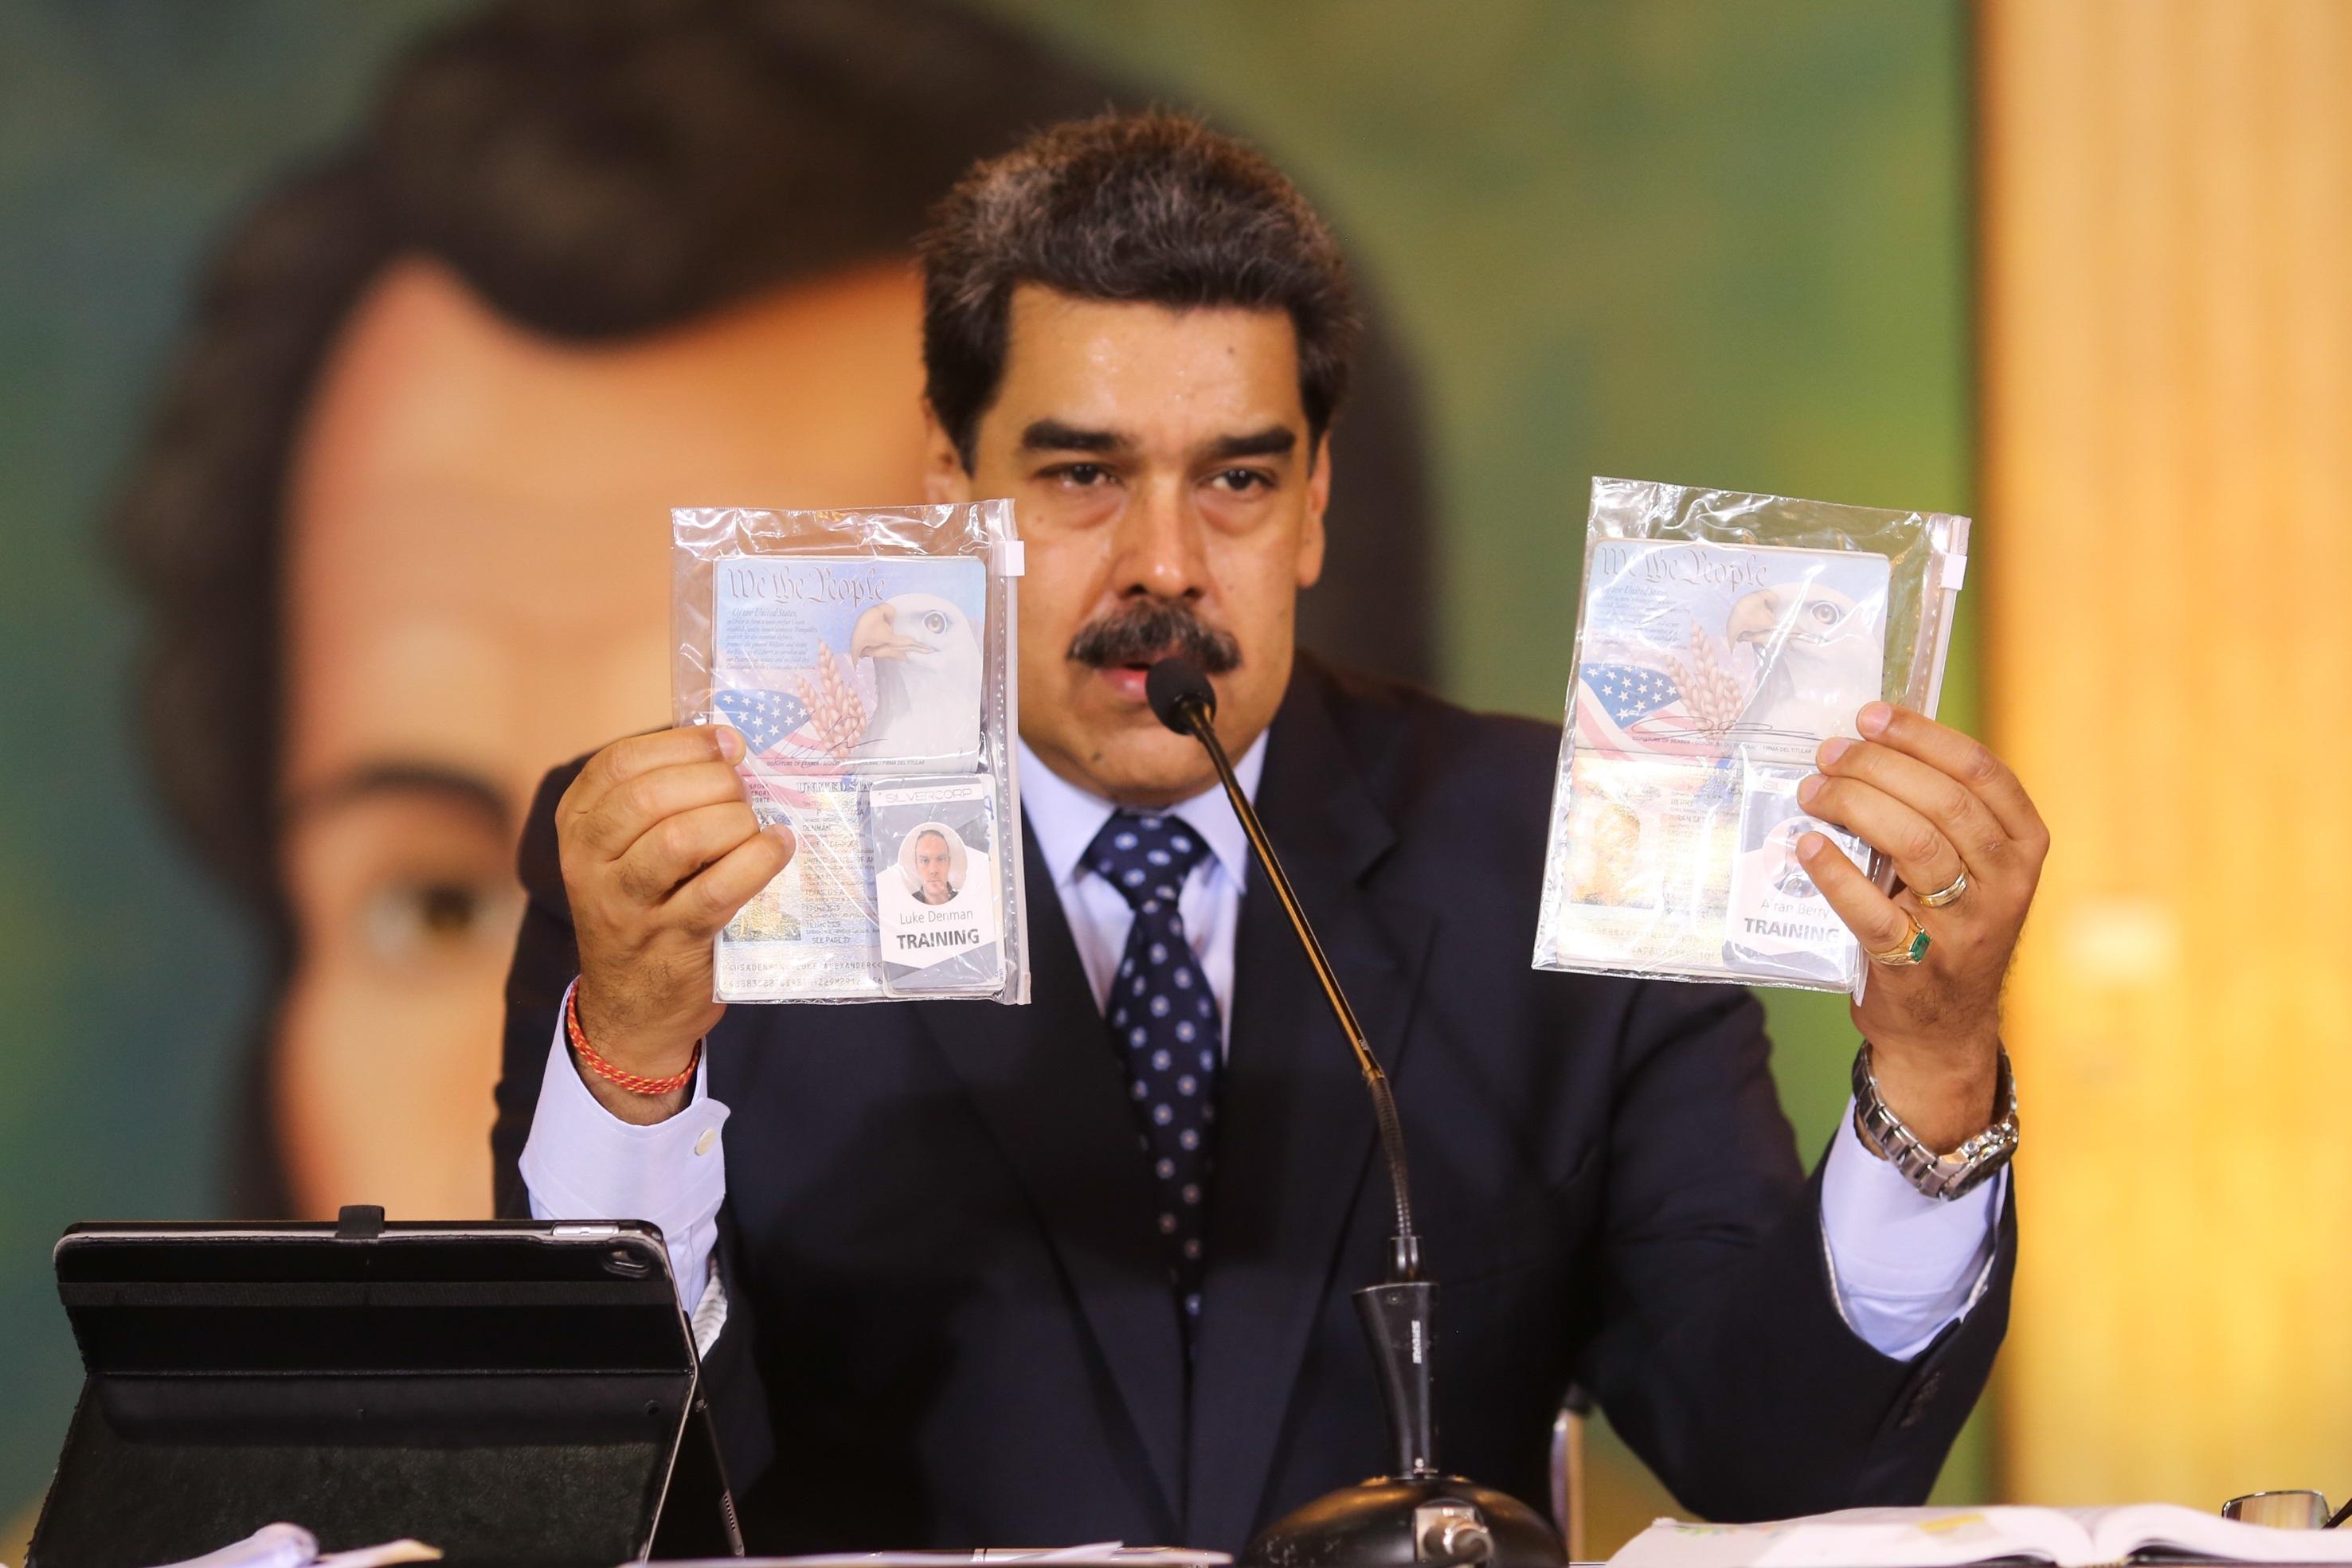 Estadounidense detenido dice que el plan era enviar a Maduro a EEUU